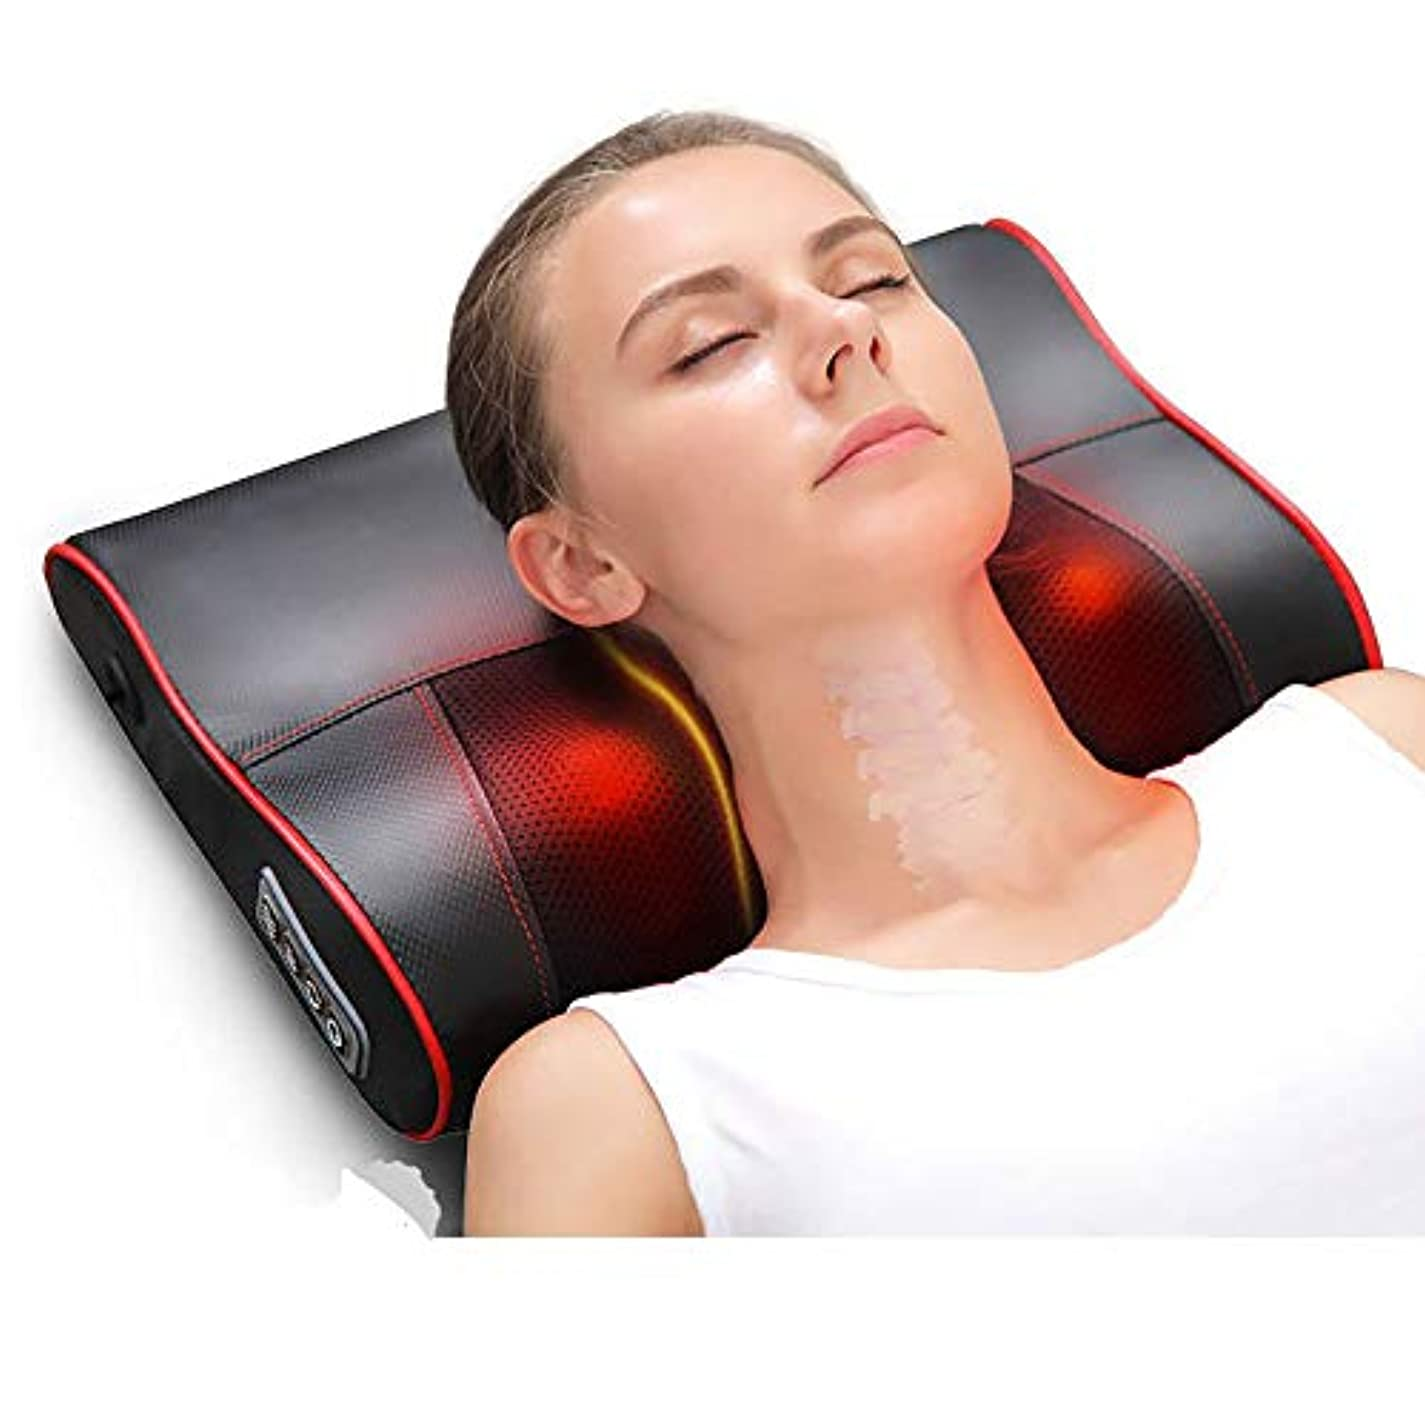 交換可能乳後退する首のマッサージの枕、多機能の電気マッサージャーの首のマッサージャーの背部首のマッサージの枕クッションのための背部ふくらはぎの足のフィートの暖房家/オフィス